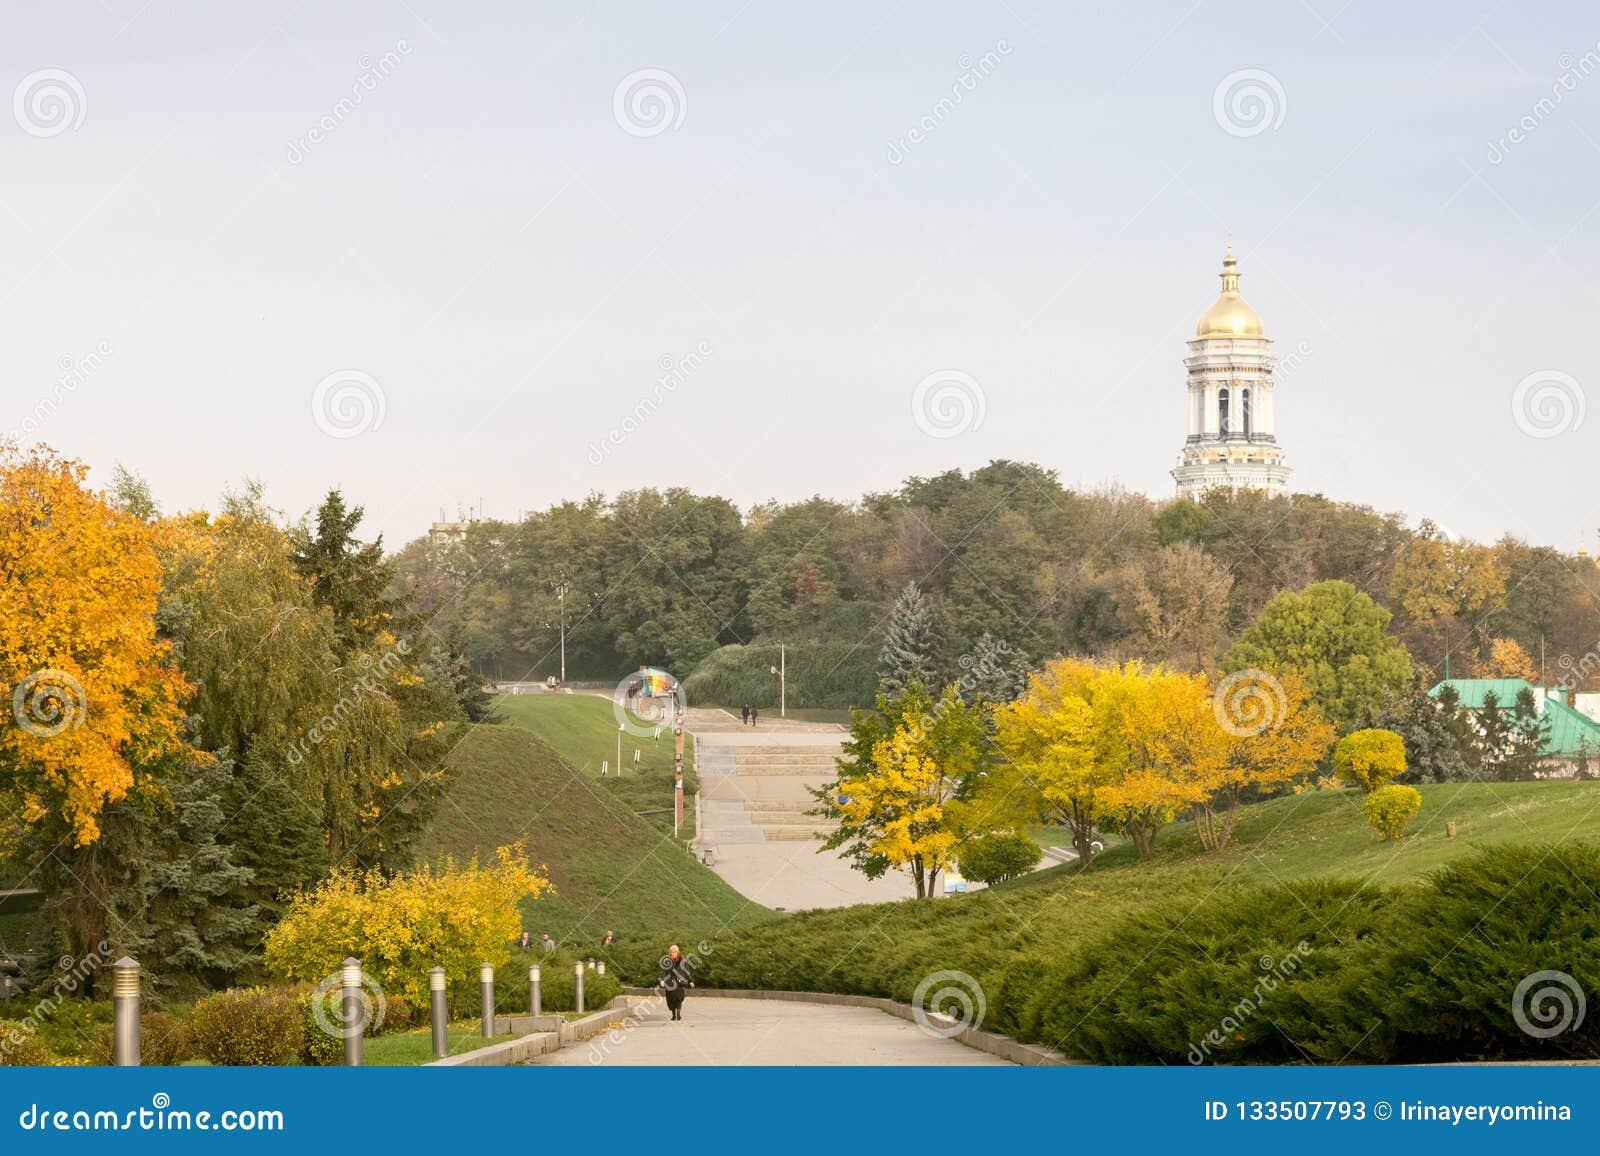 Paysage d automne, vue de Kiev Pechersk Lavra, église ukrainienne